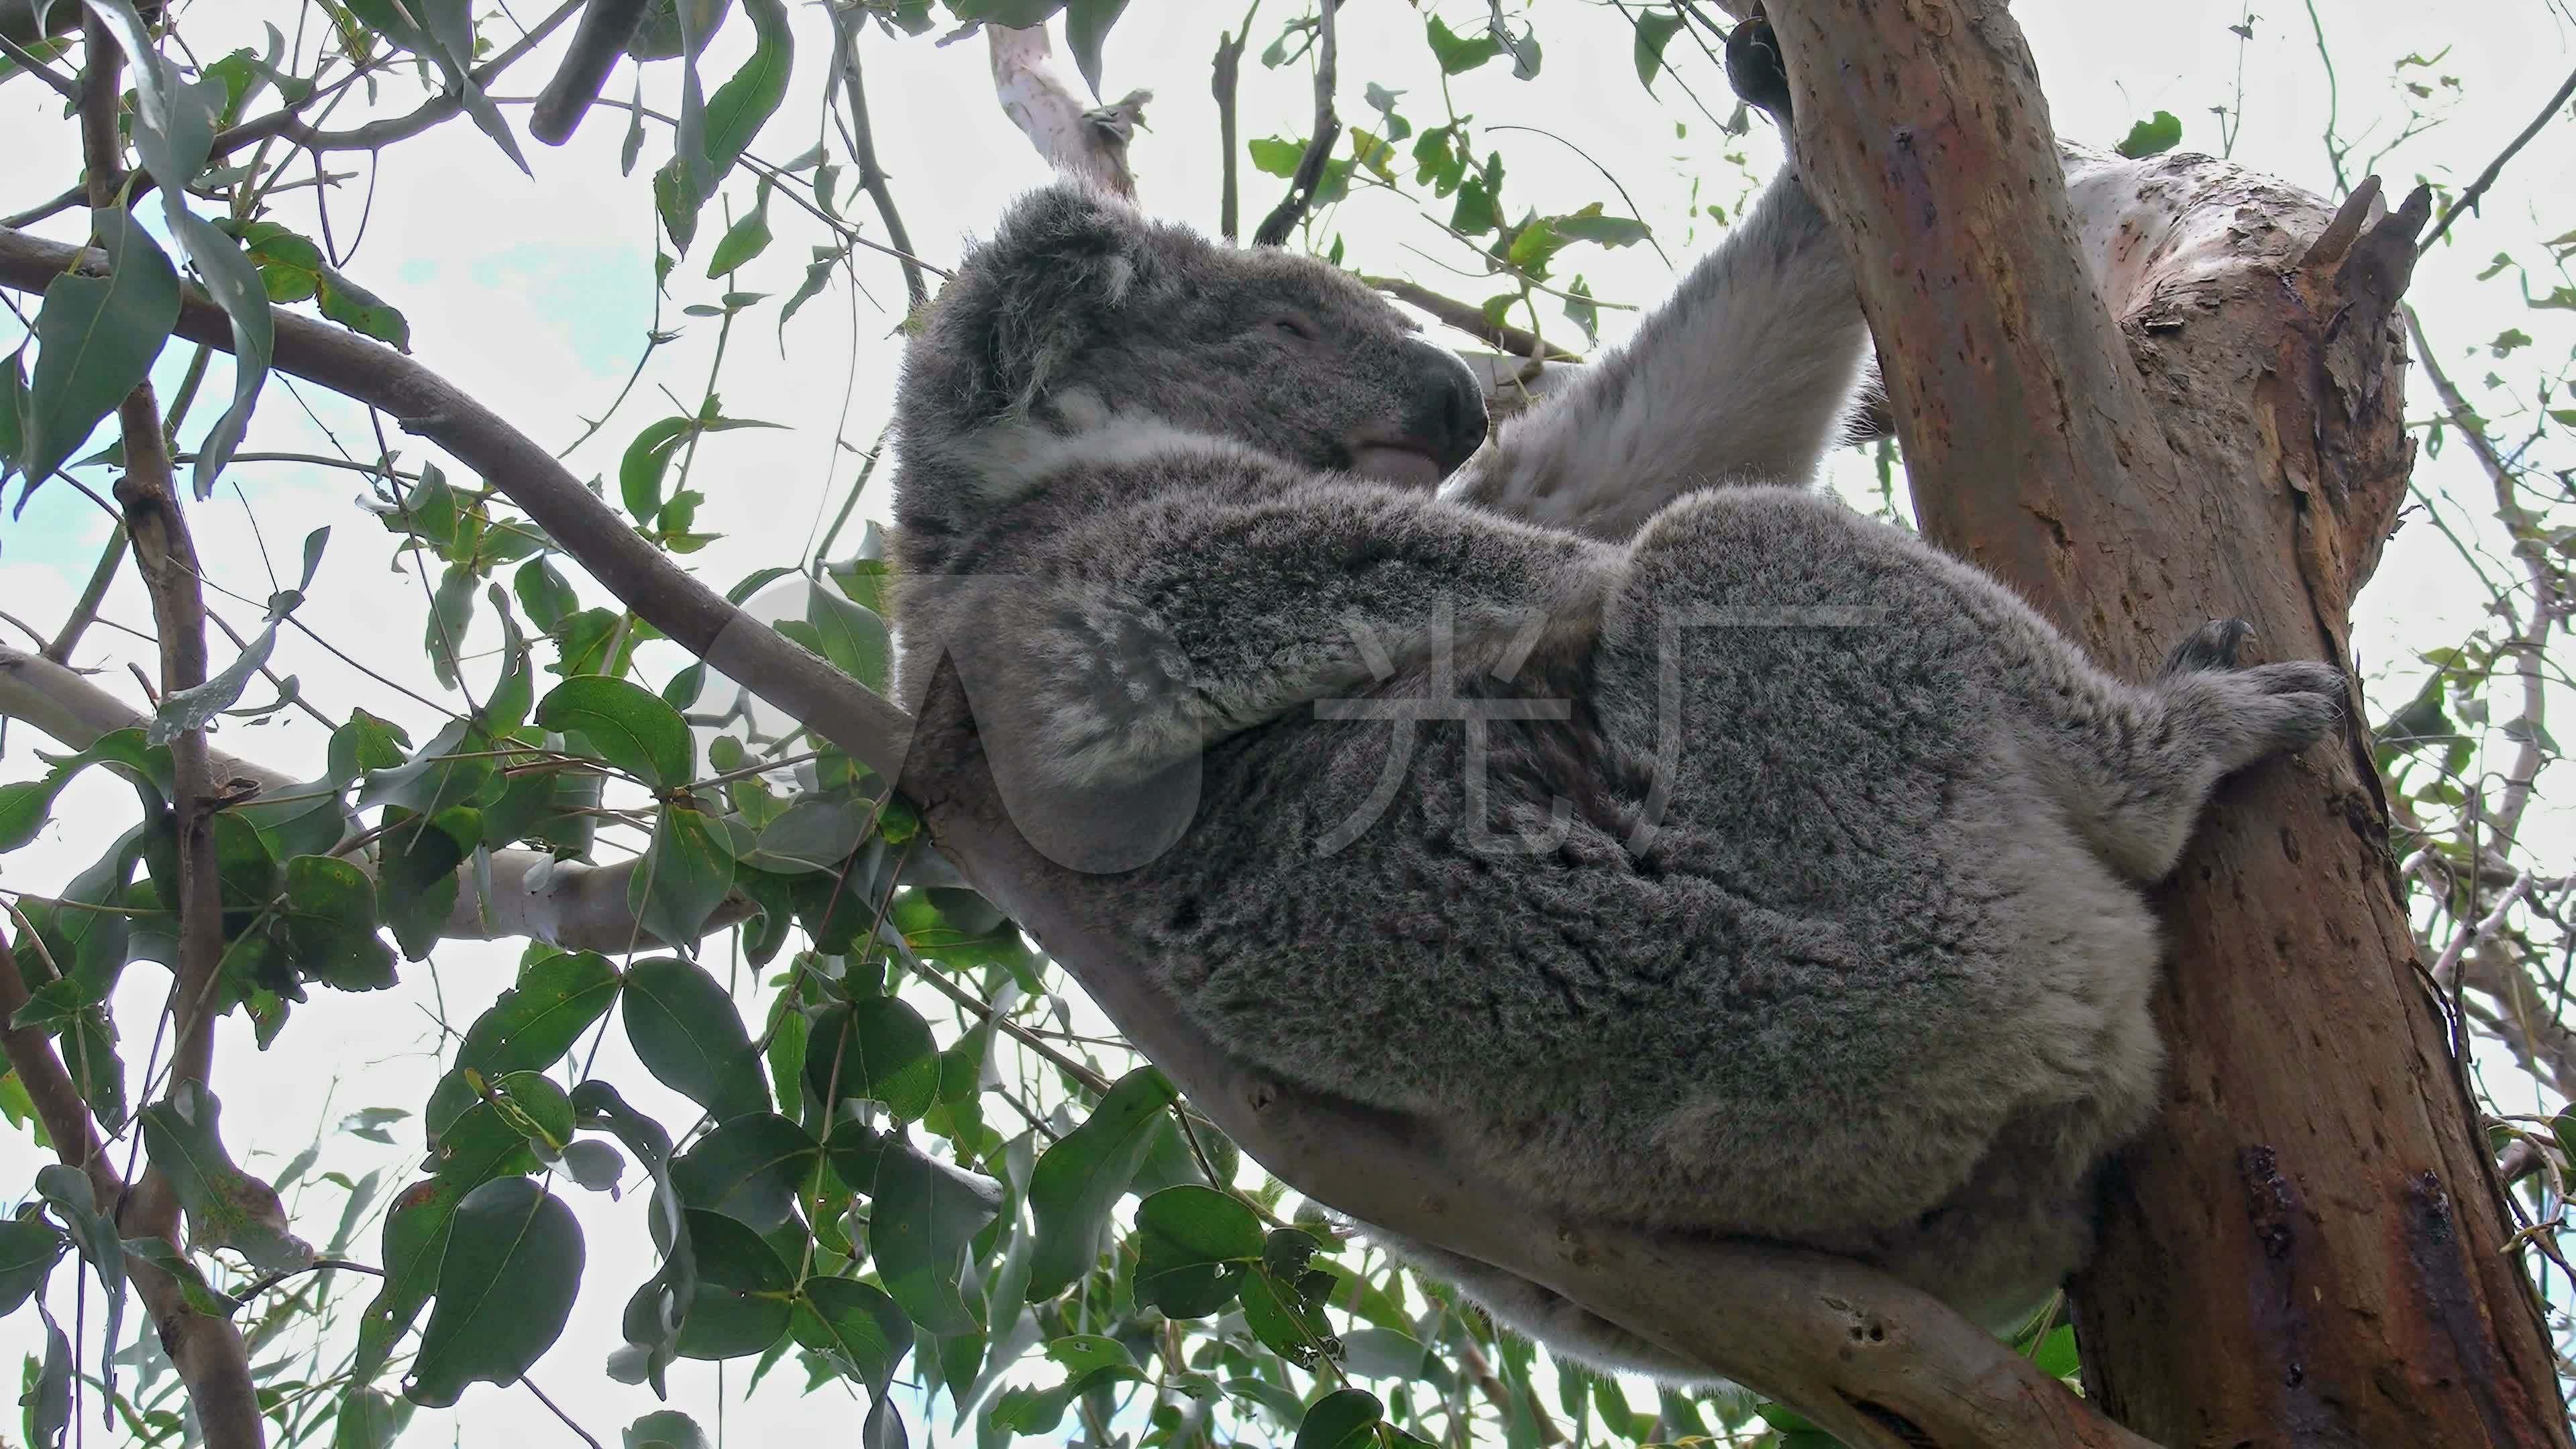 动物树懒考拉澳大利亚国宝澳大利亚_3840x2160_高清